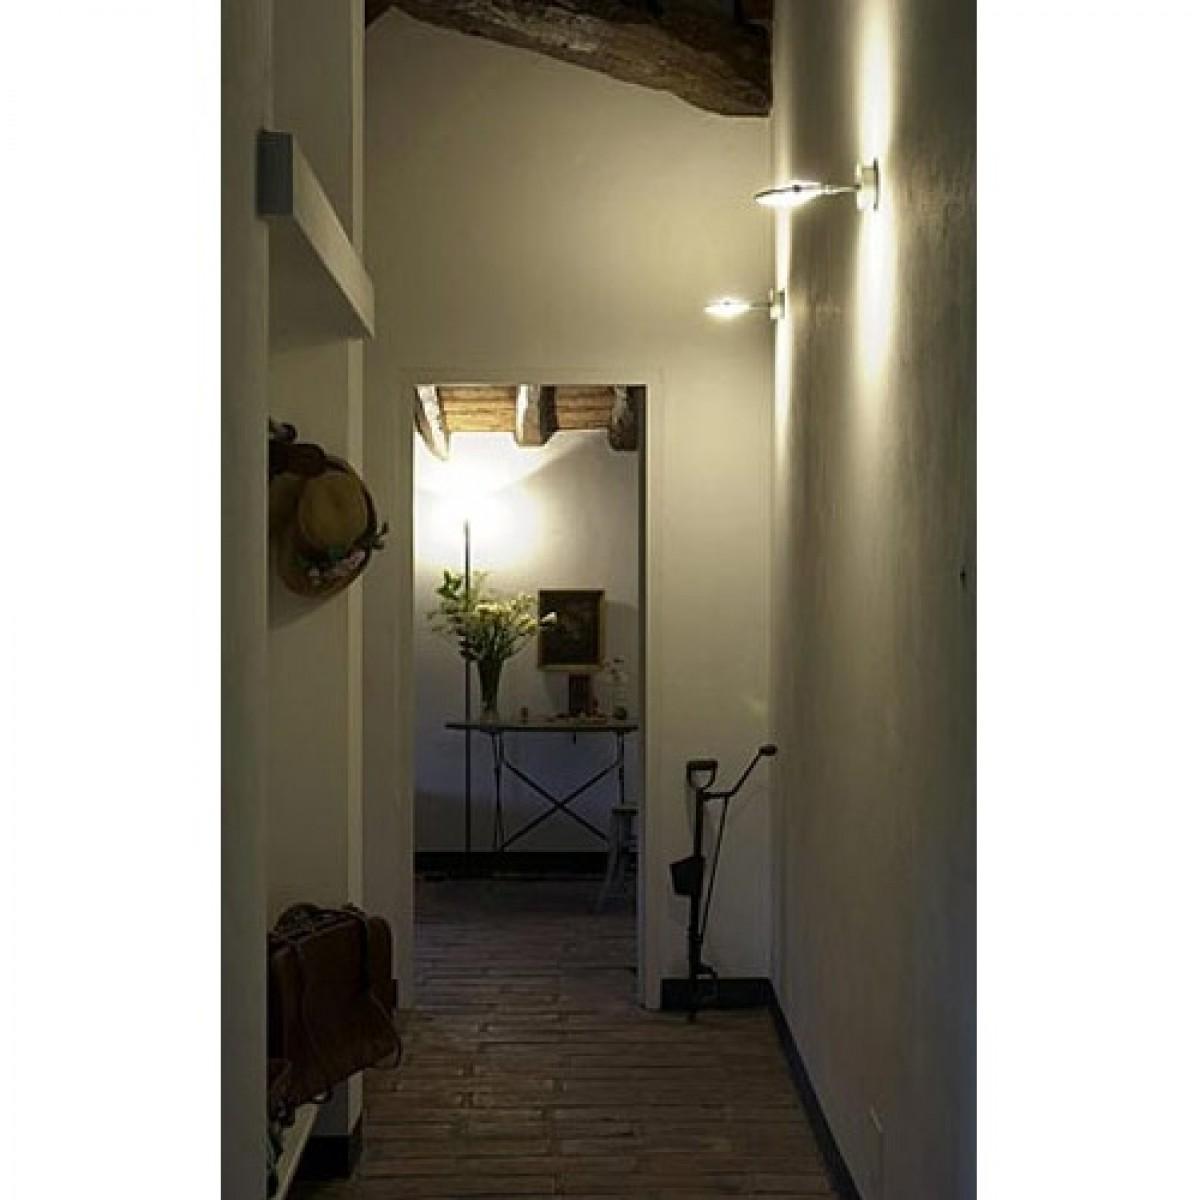 Fontana Arte | Fontana Arte Minimal Table Lamp Art L5 3542 Fontana Arte